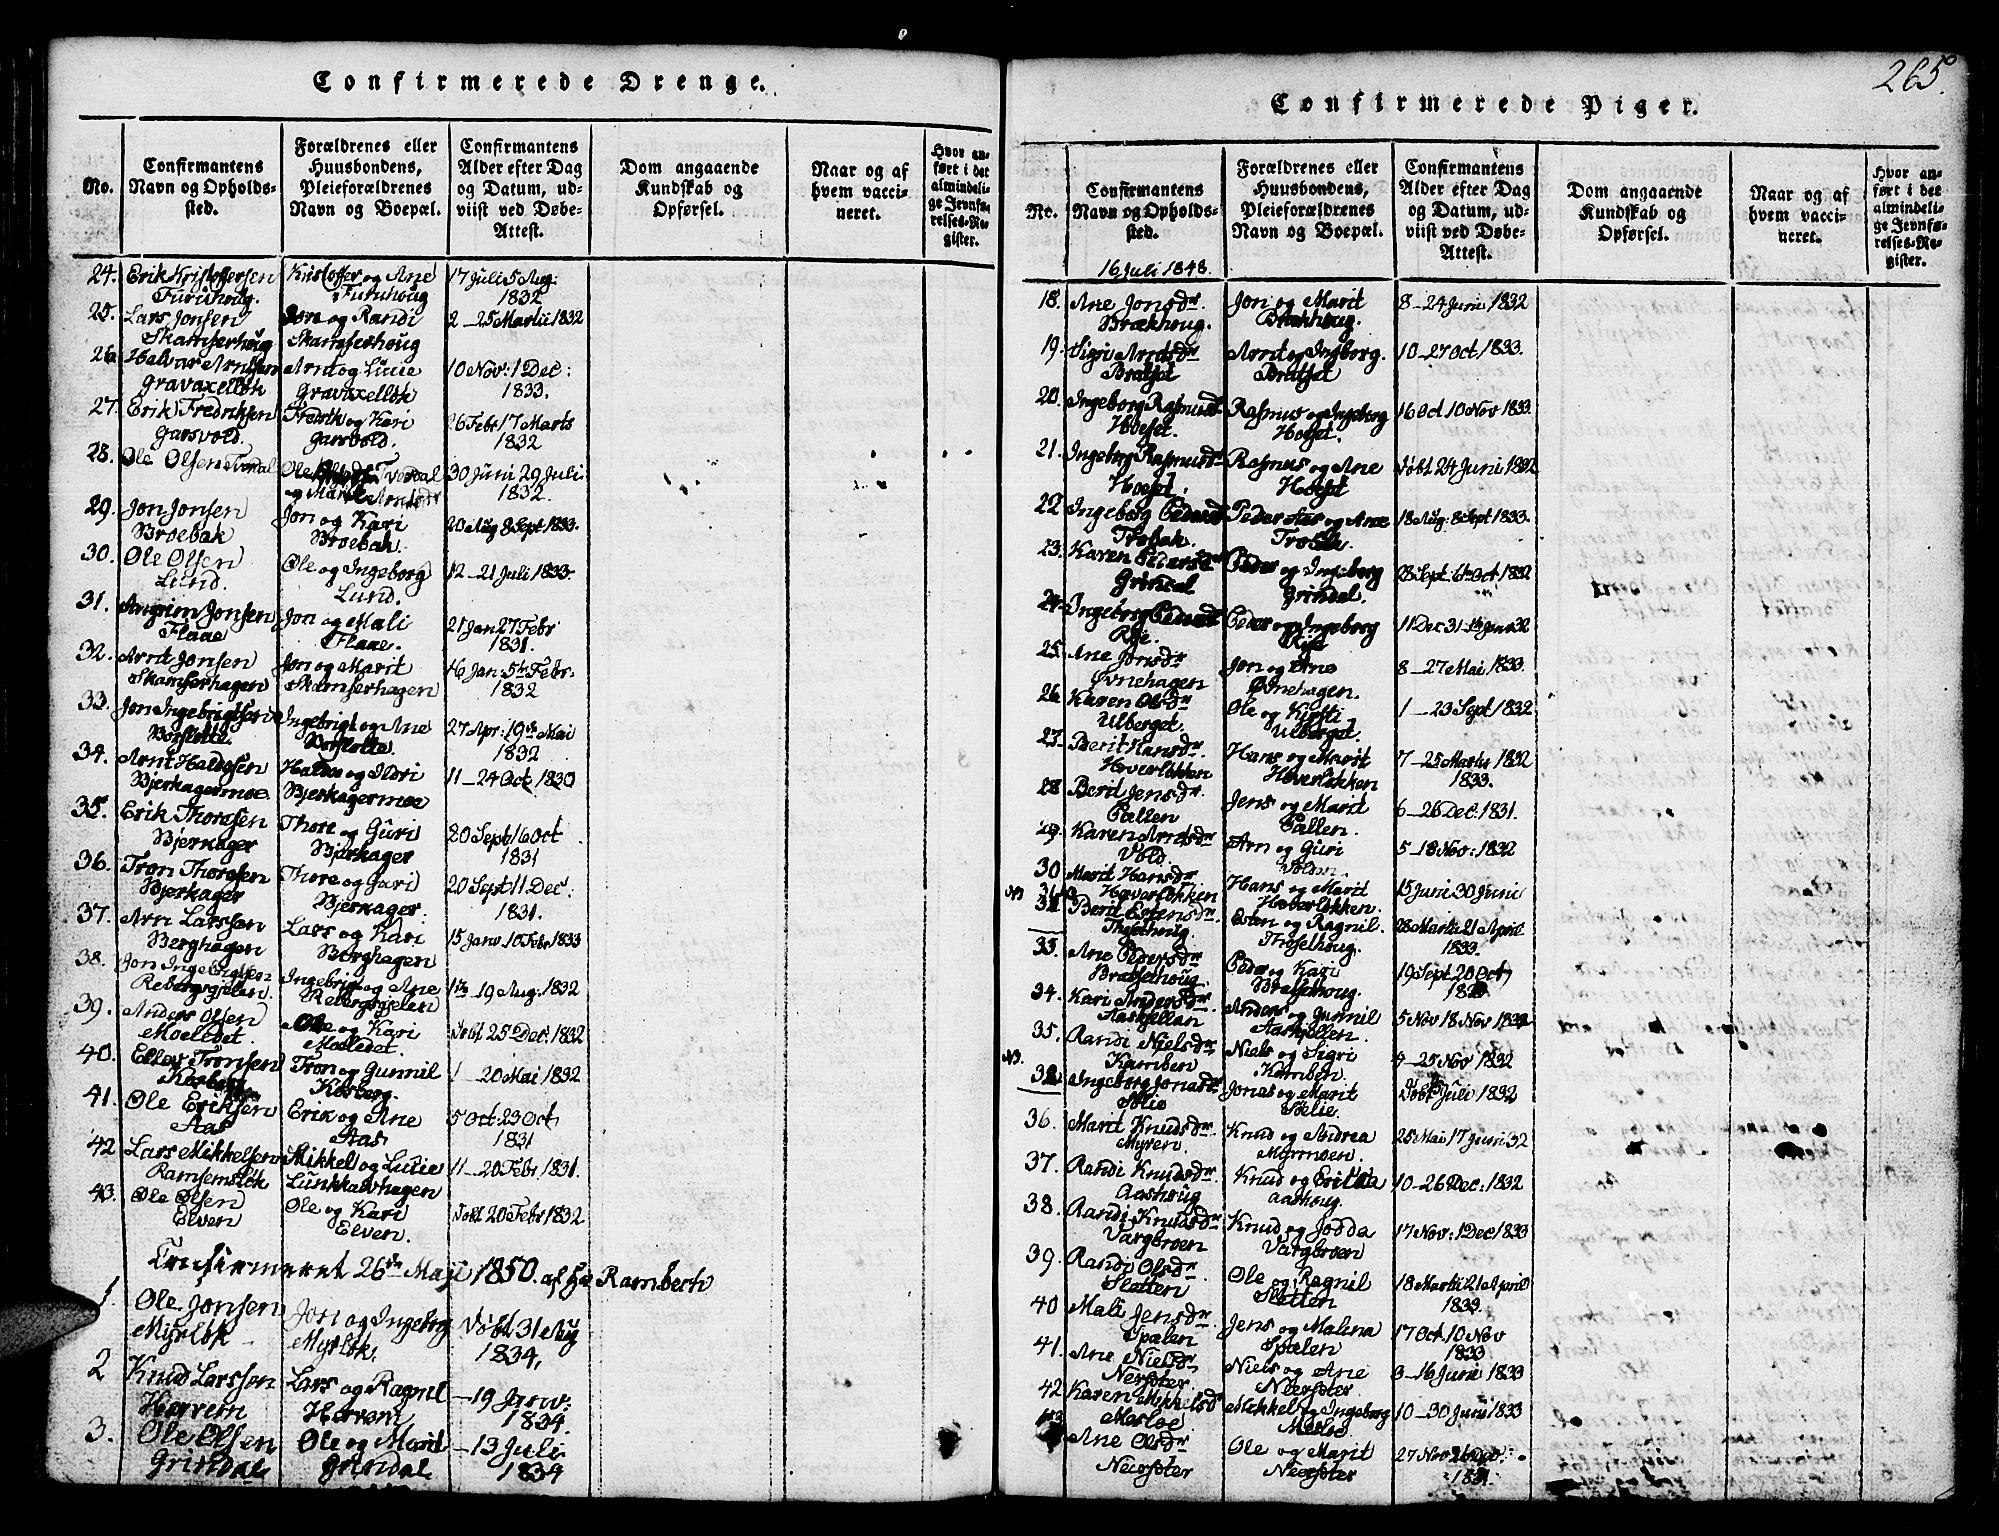 SAT, Ministerialprotokoller, klokkerbøker og fødselsregistre - Sør-Trøndelag, 674/L0874: Klokkerbok nr. 674C01, 1816-1860, s. 265